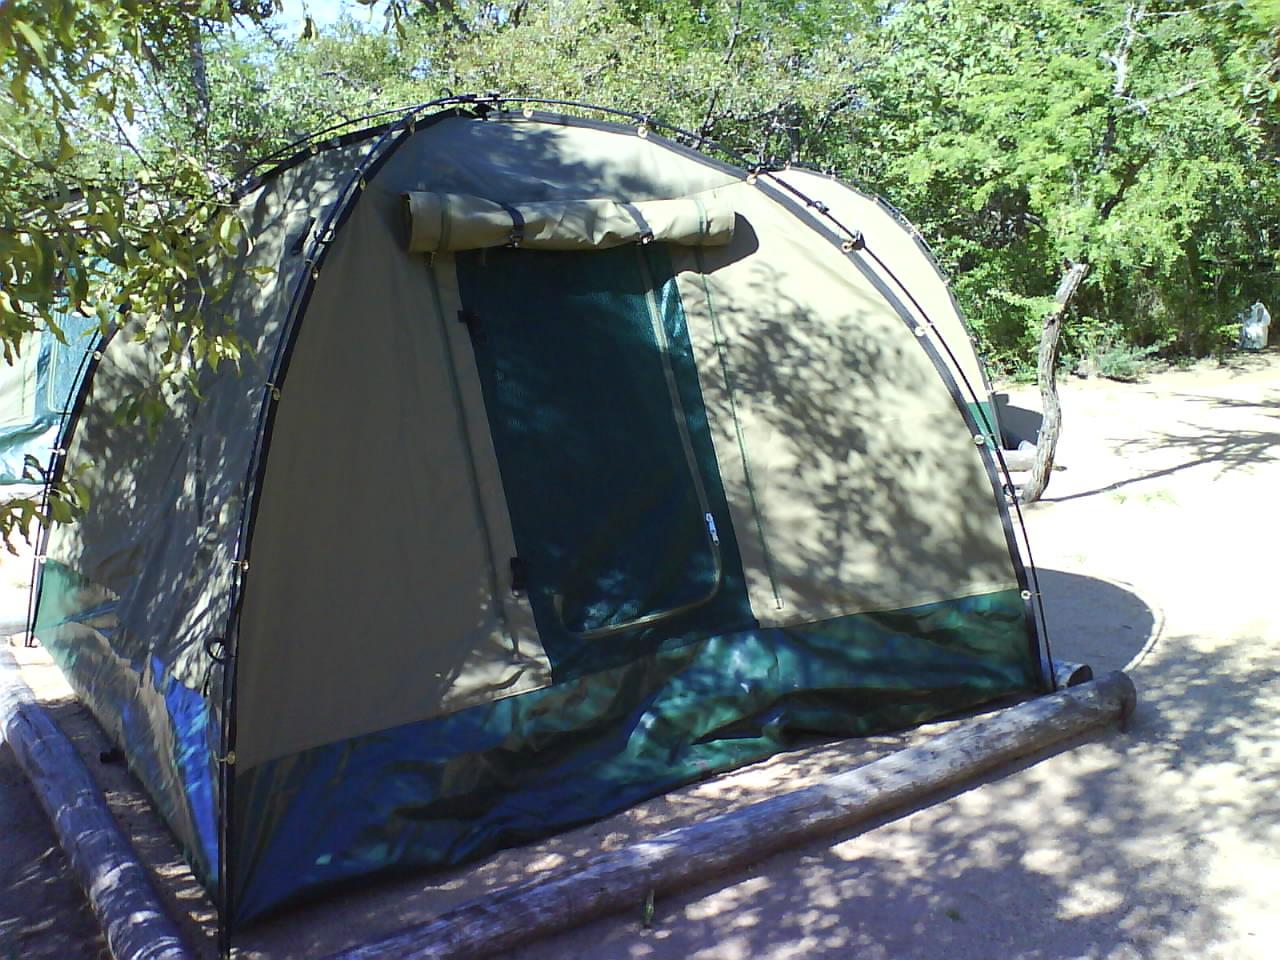 Stökigt på camping – skrämde tältande turister P4